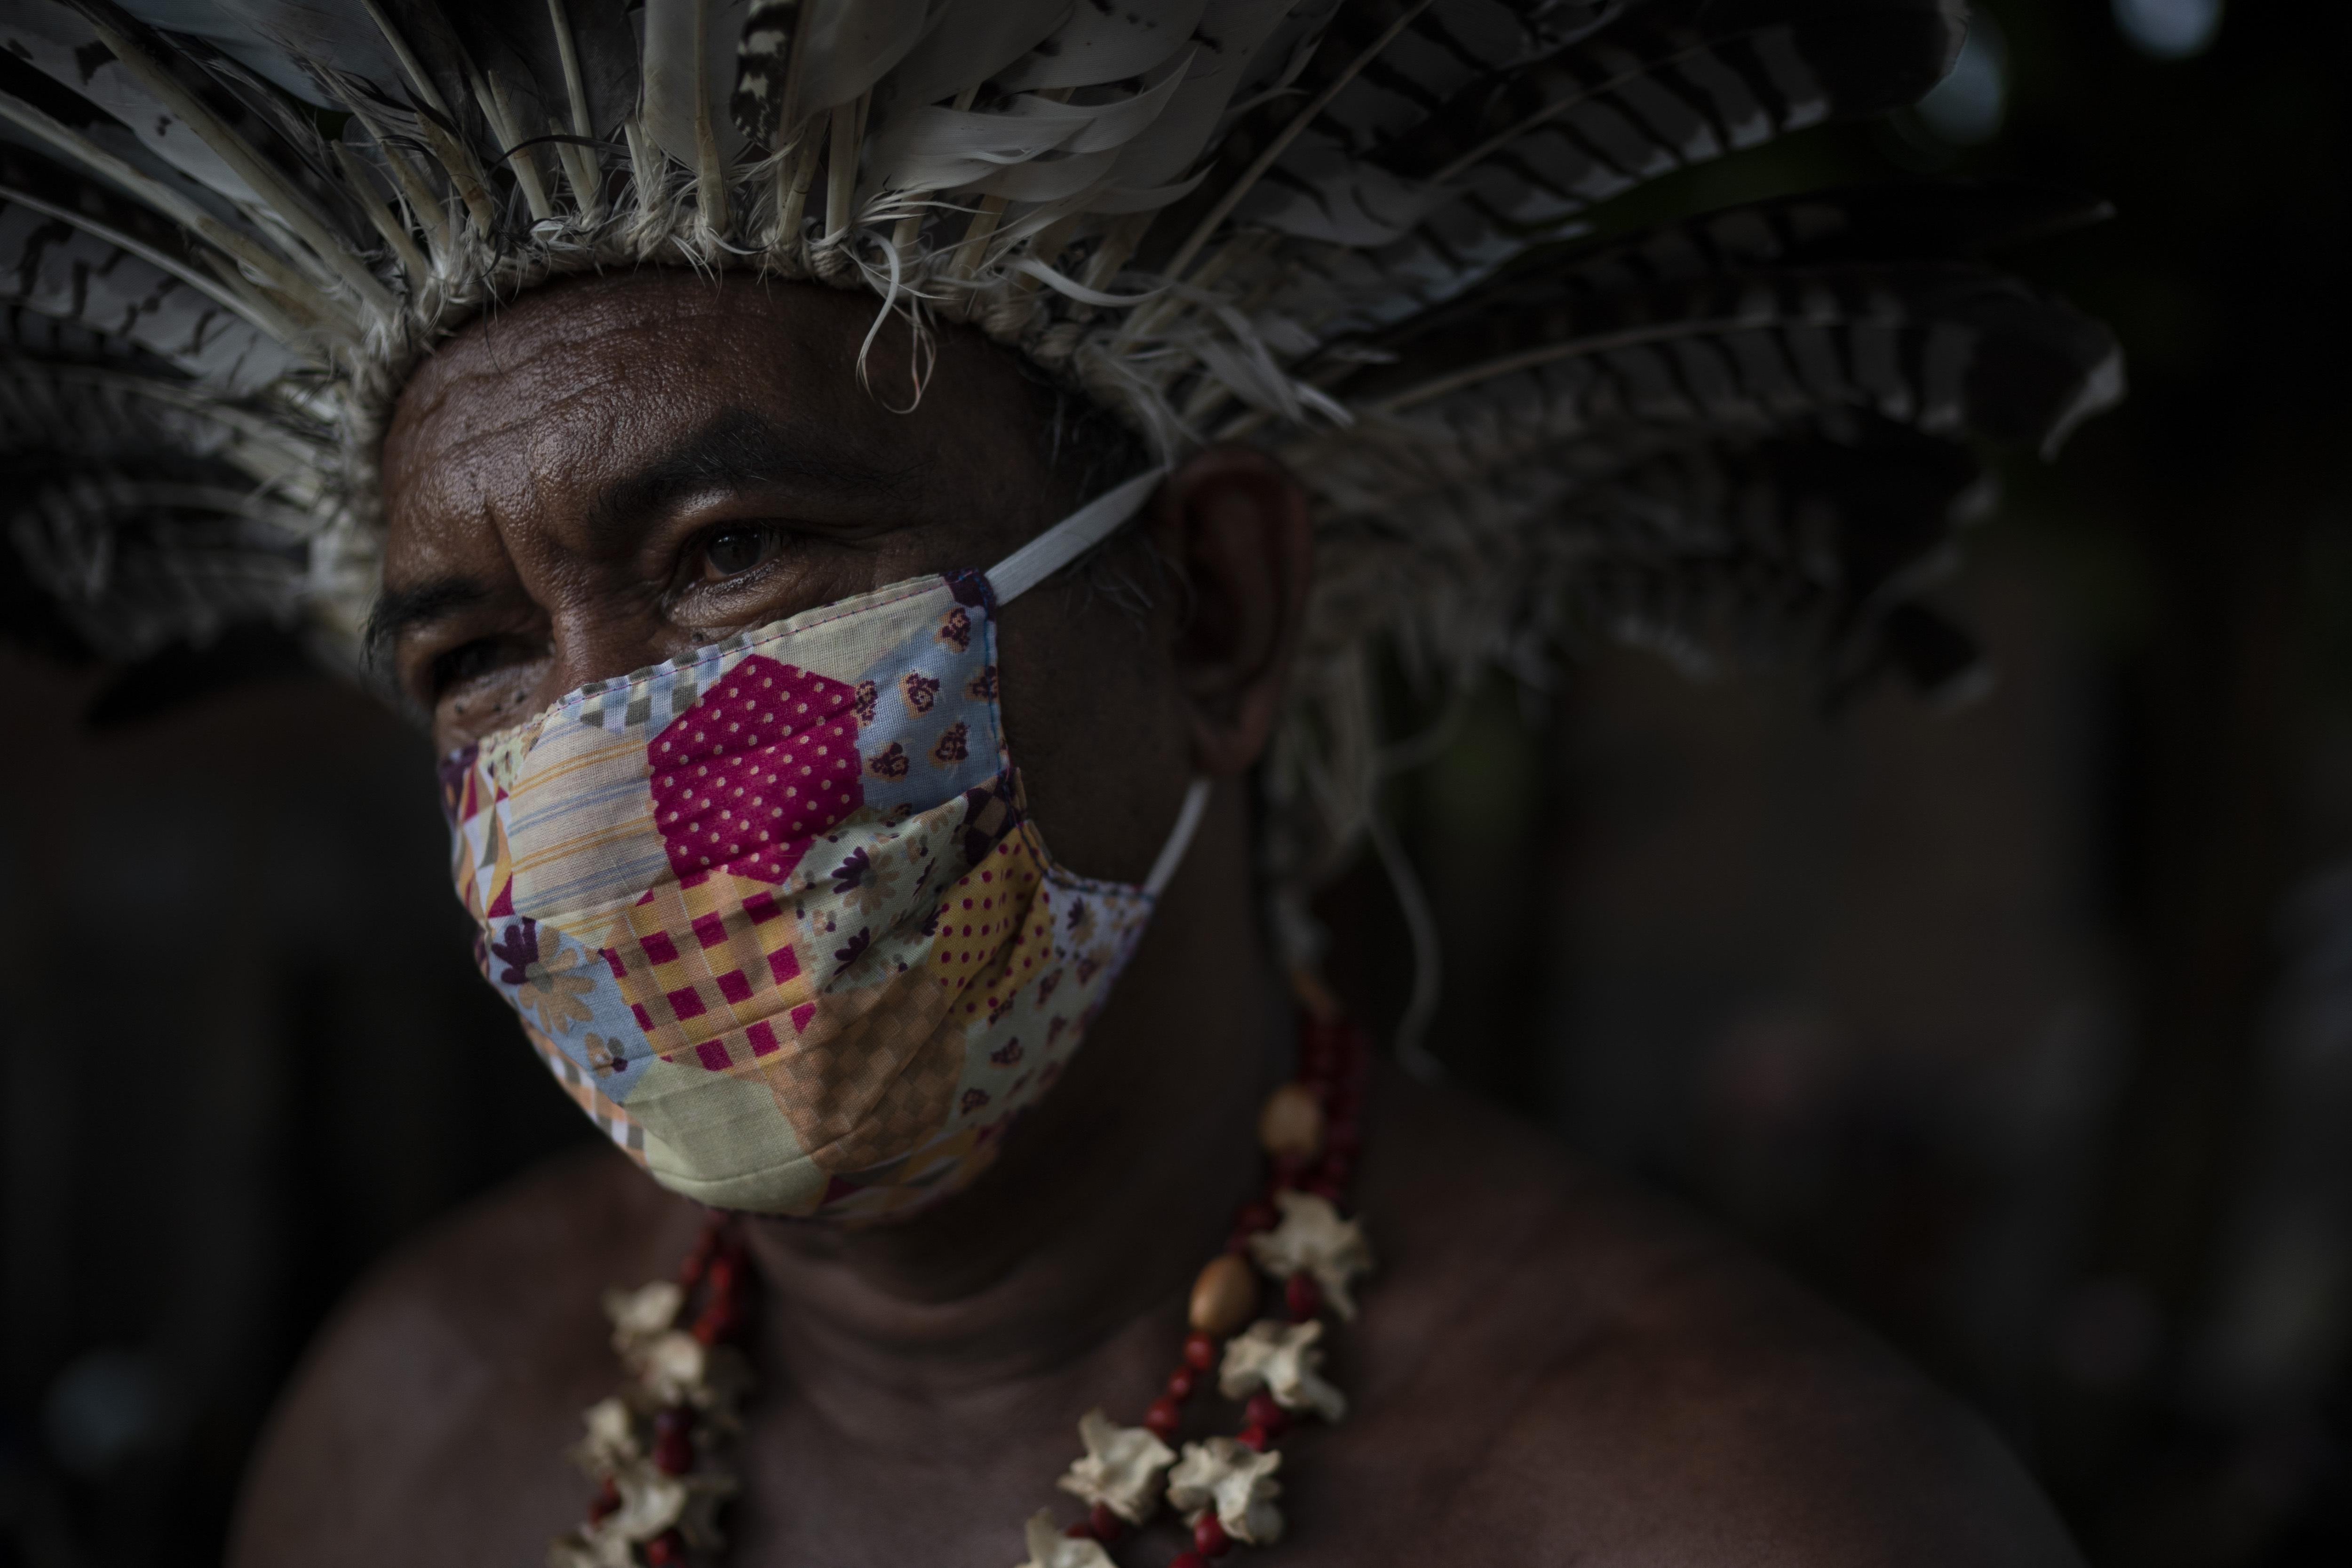 Педро душ Сантуш, лидер сообщества подназванием «Парк коренных народов», вМанаусе.